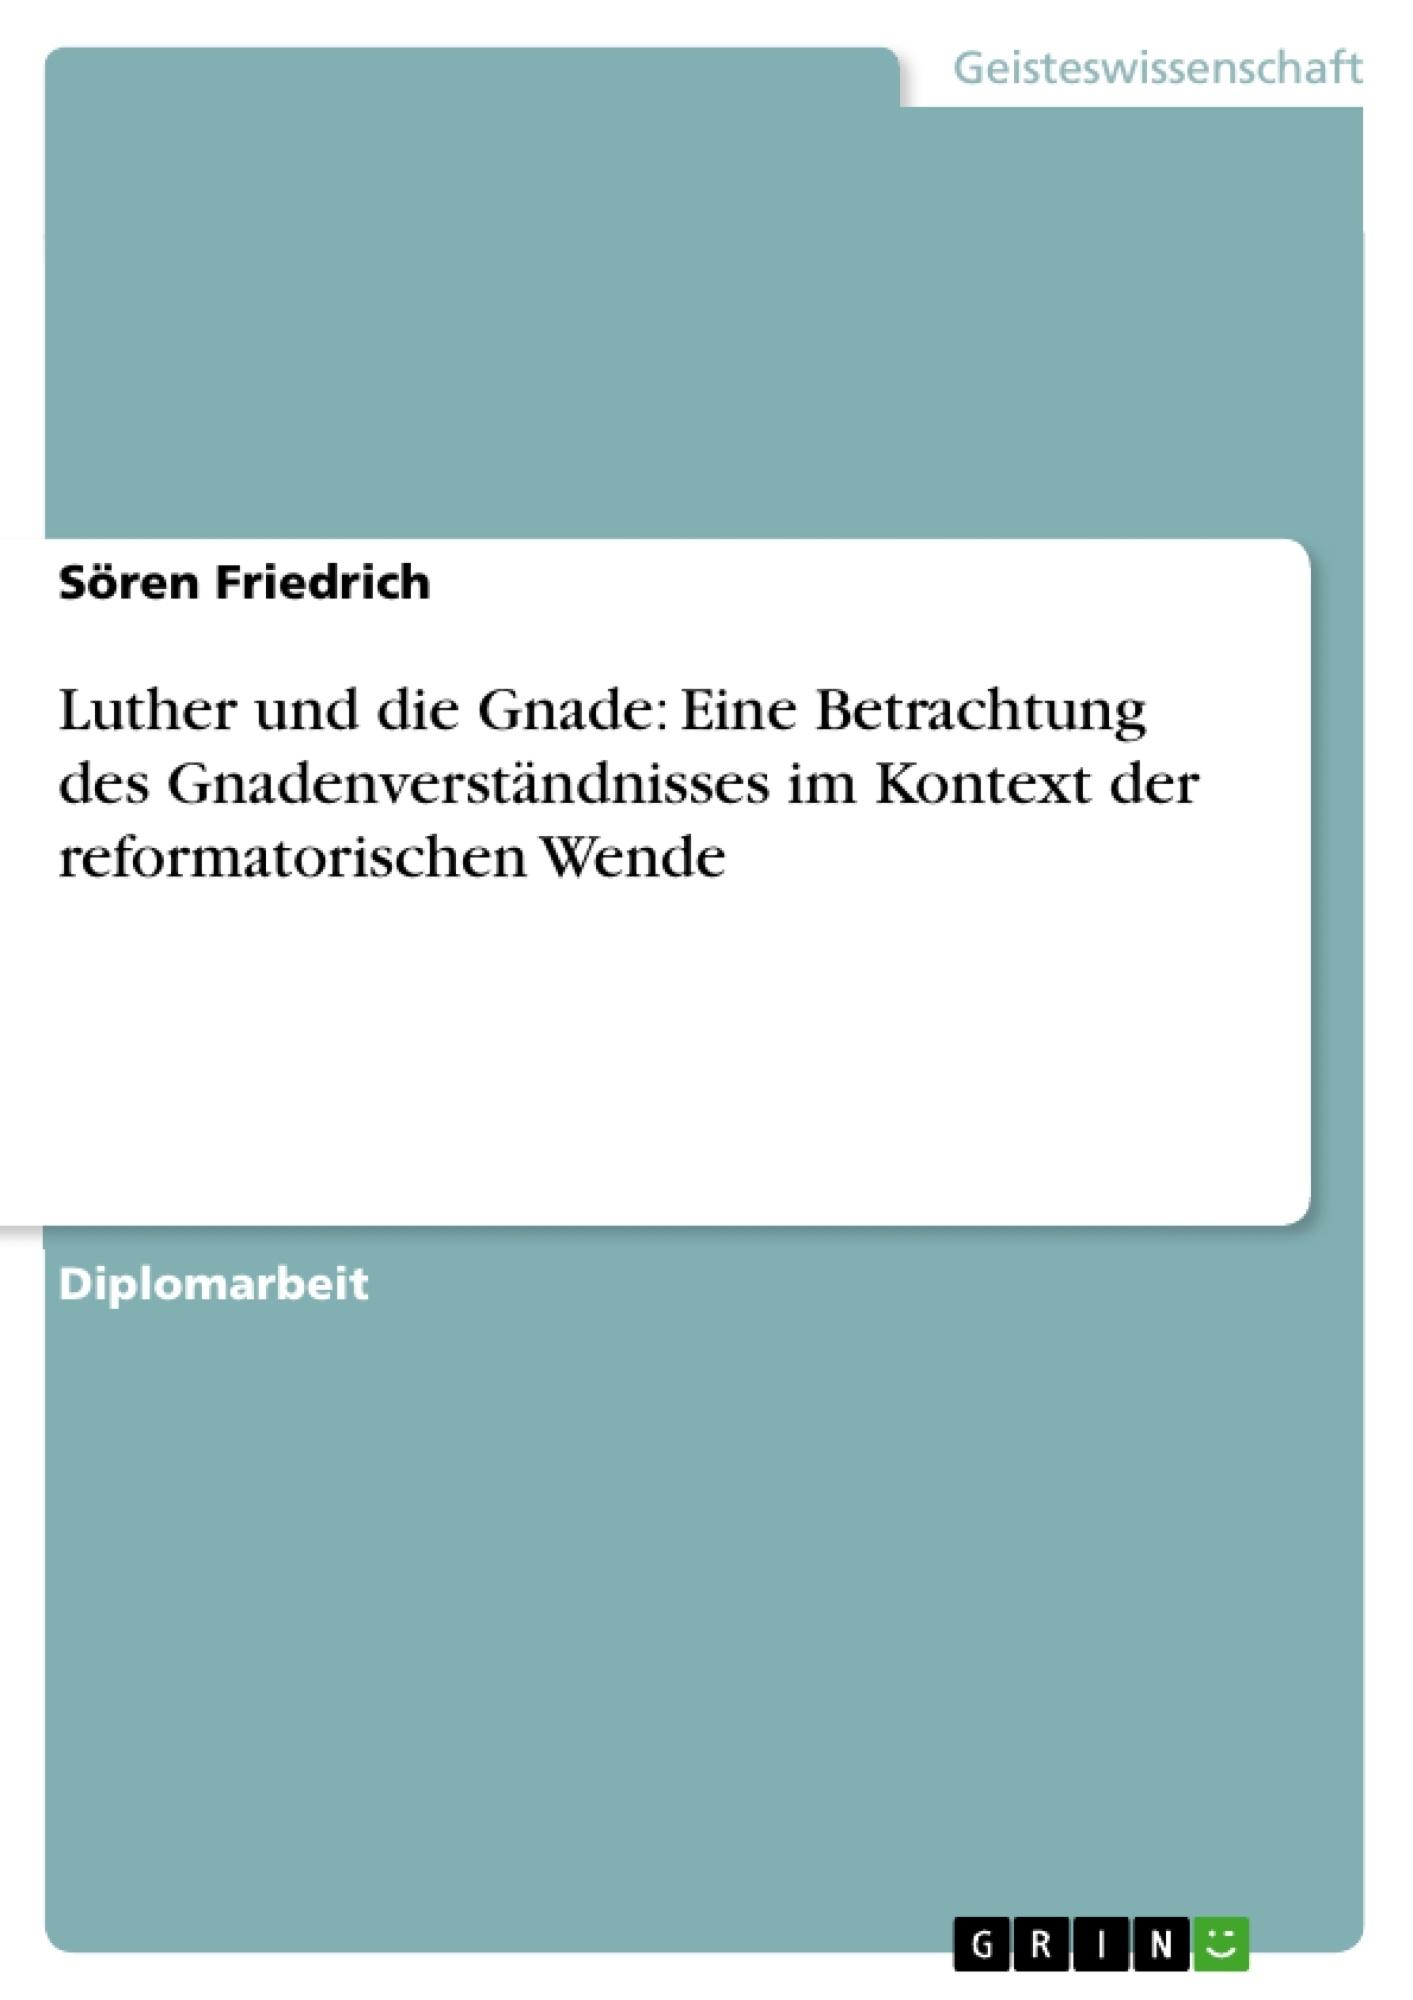 Titel: Luther und die Gnade: Eine Betrachtung des Gnadenverständnisses im Kontext der reformatorischen Wende